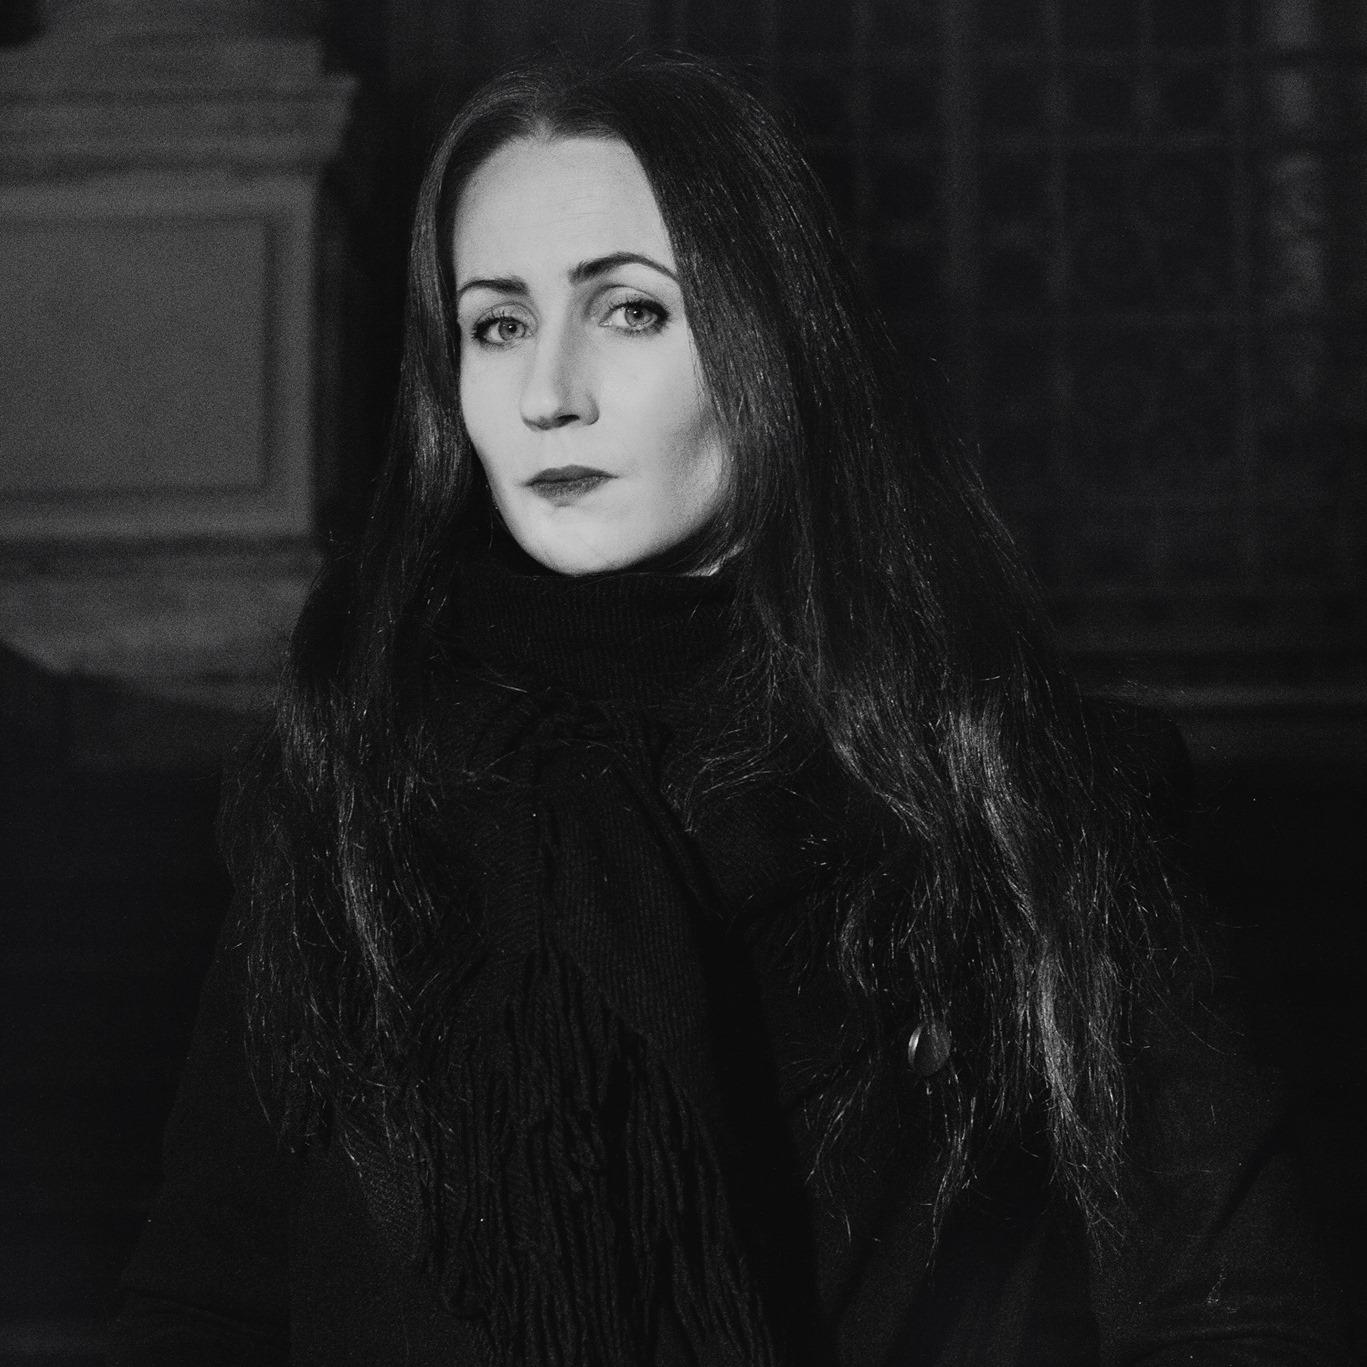 Мария Рахманинова, фото из личных соцсетей